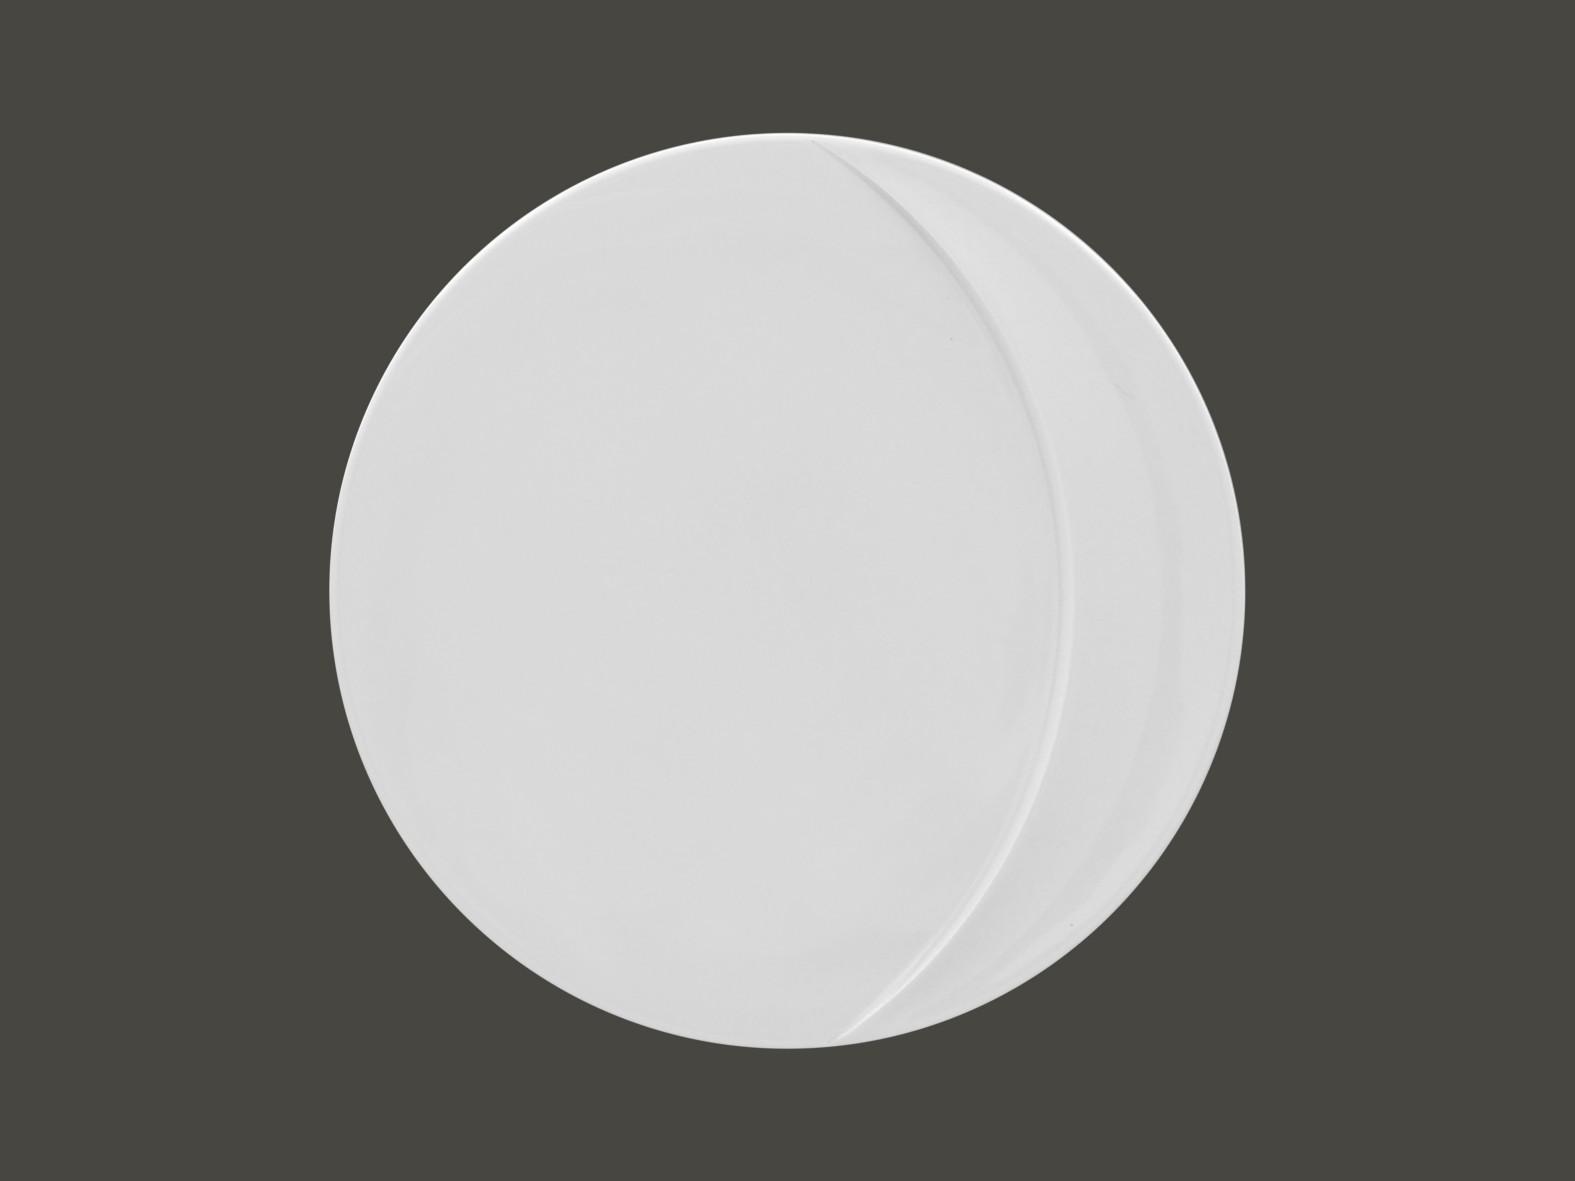 Kulatý mělký talíř/víko pro mobw15 Moon